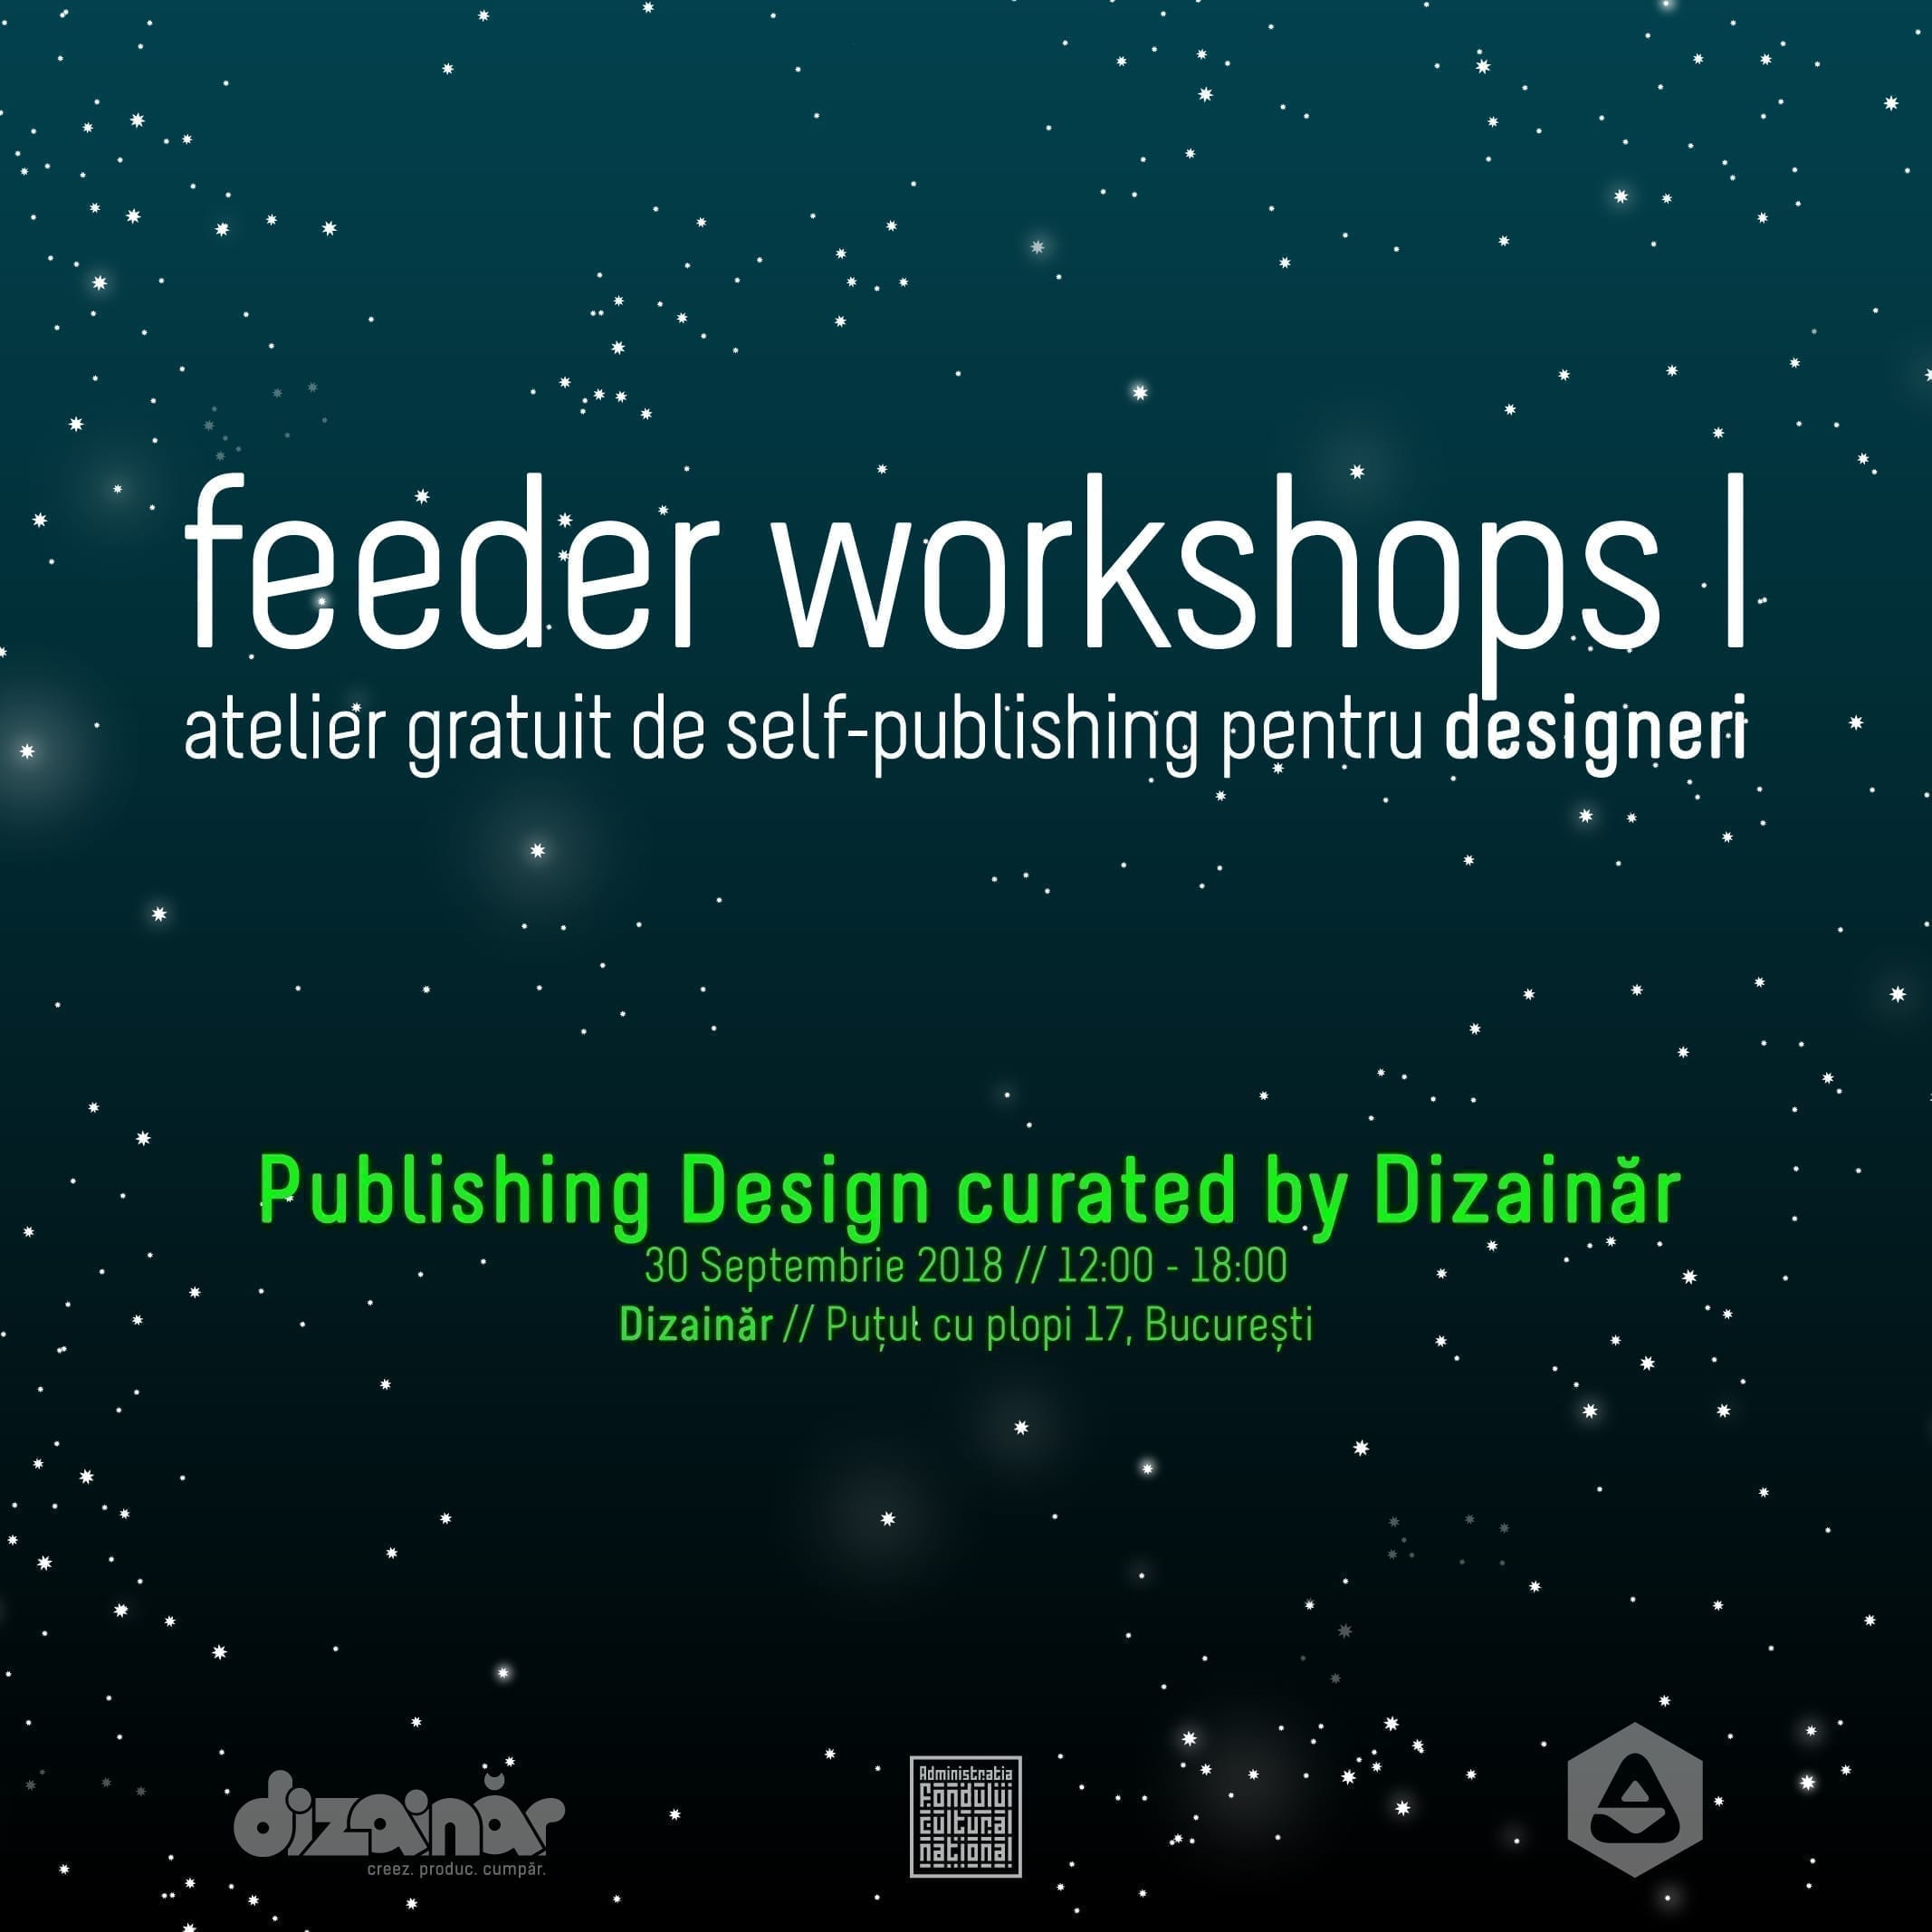 feeder workshops I - participă gratuit la atelierul de online self-publishing pentru designeri, creat în parteneriat cu Dizainăr